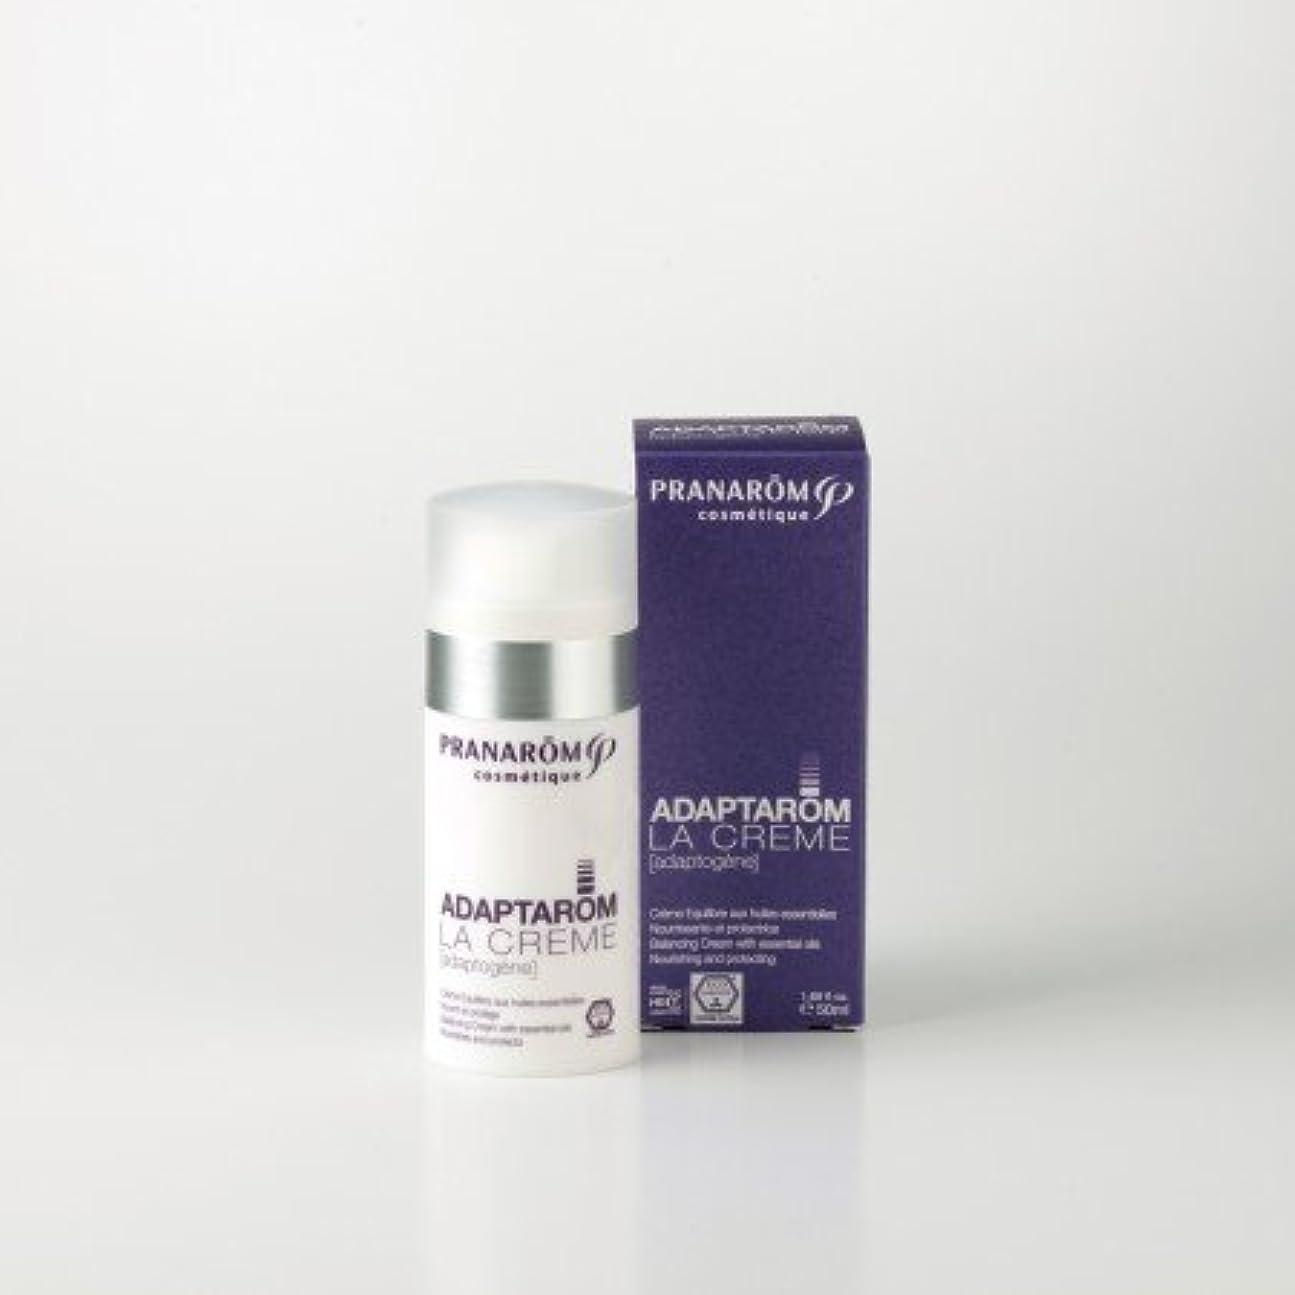 複数バランスのとれたカニプラナロム (PRANAROM) 基礎化粧品 アダプタロム?クリーム 50ml 12673